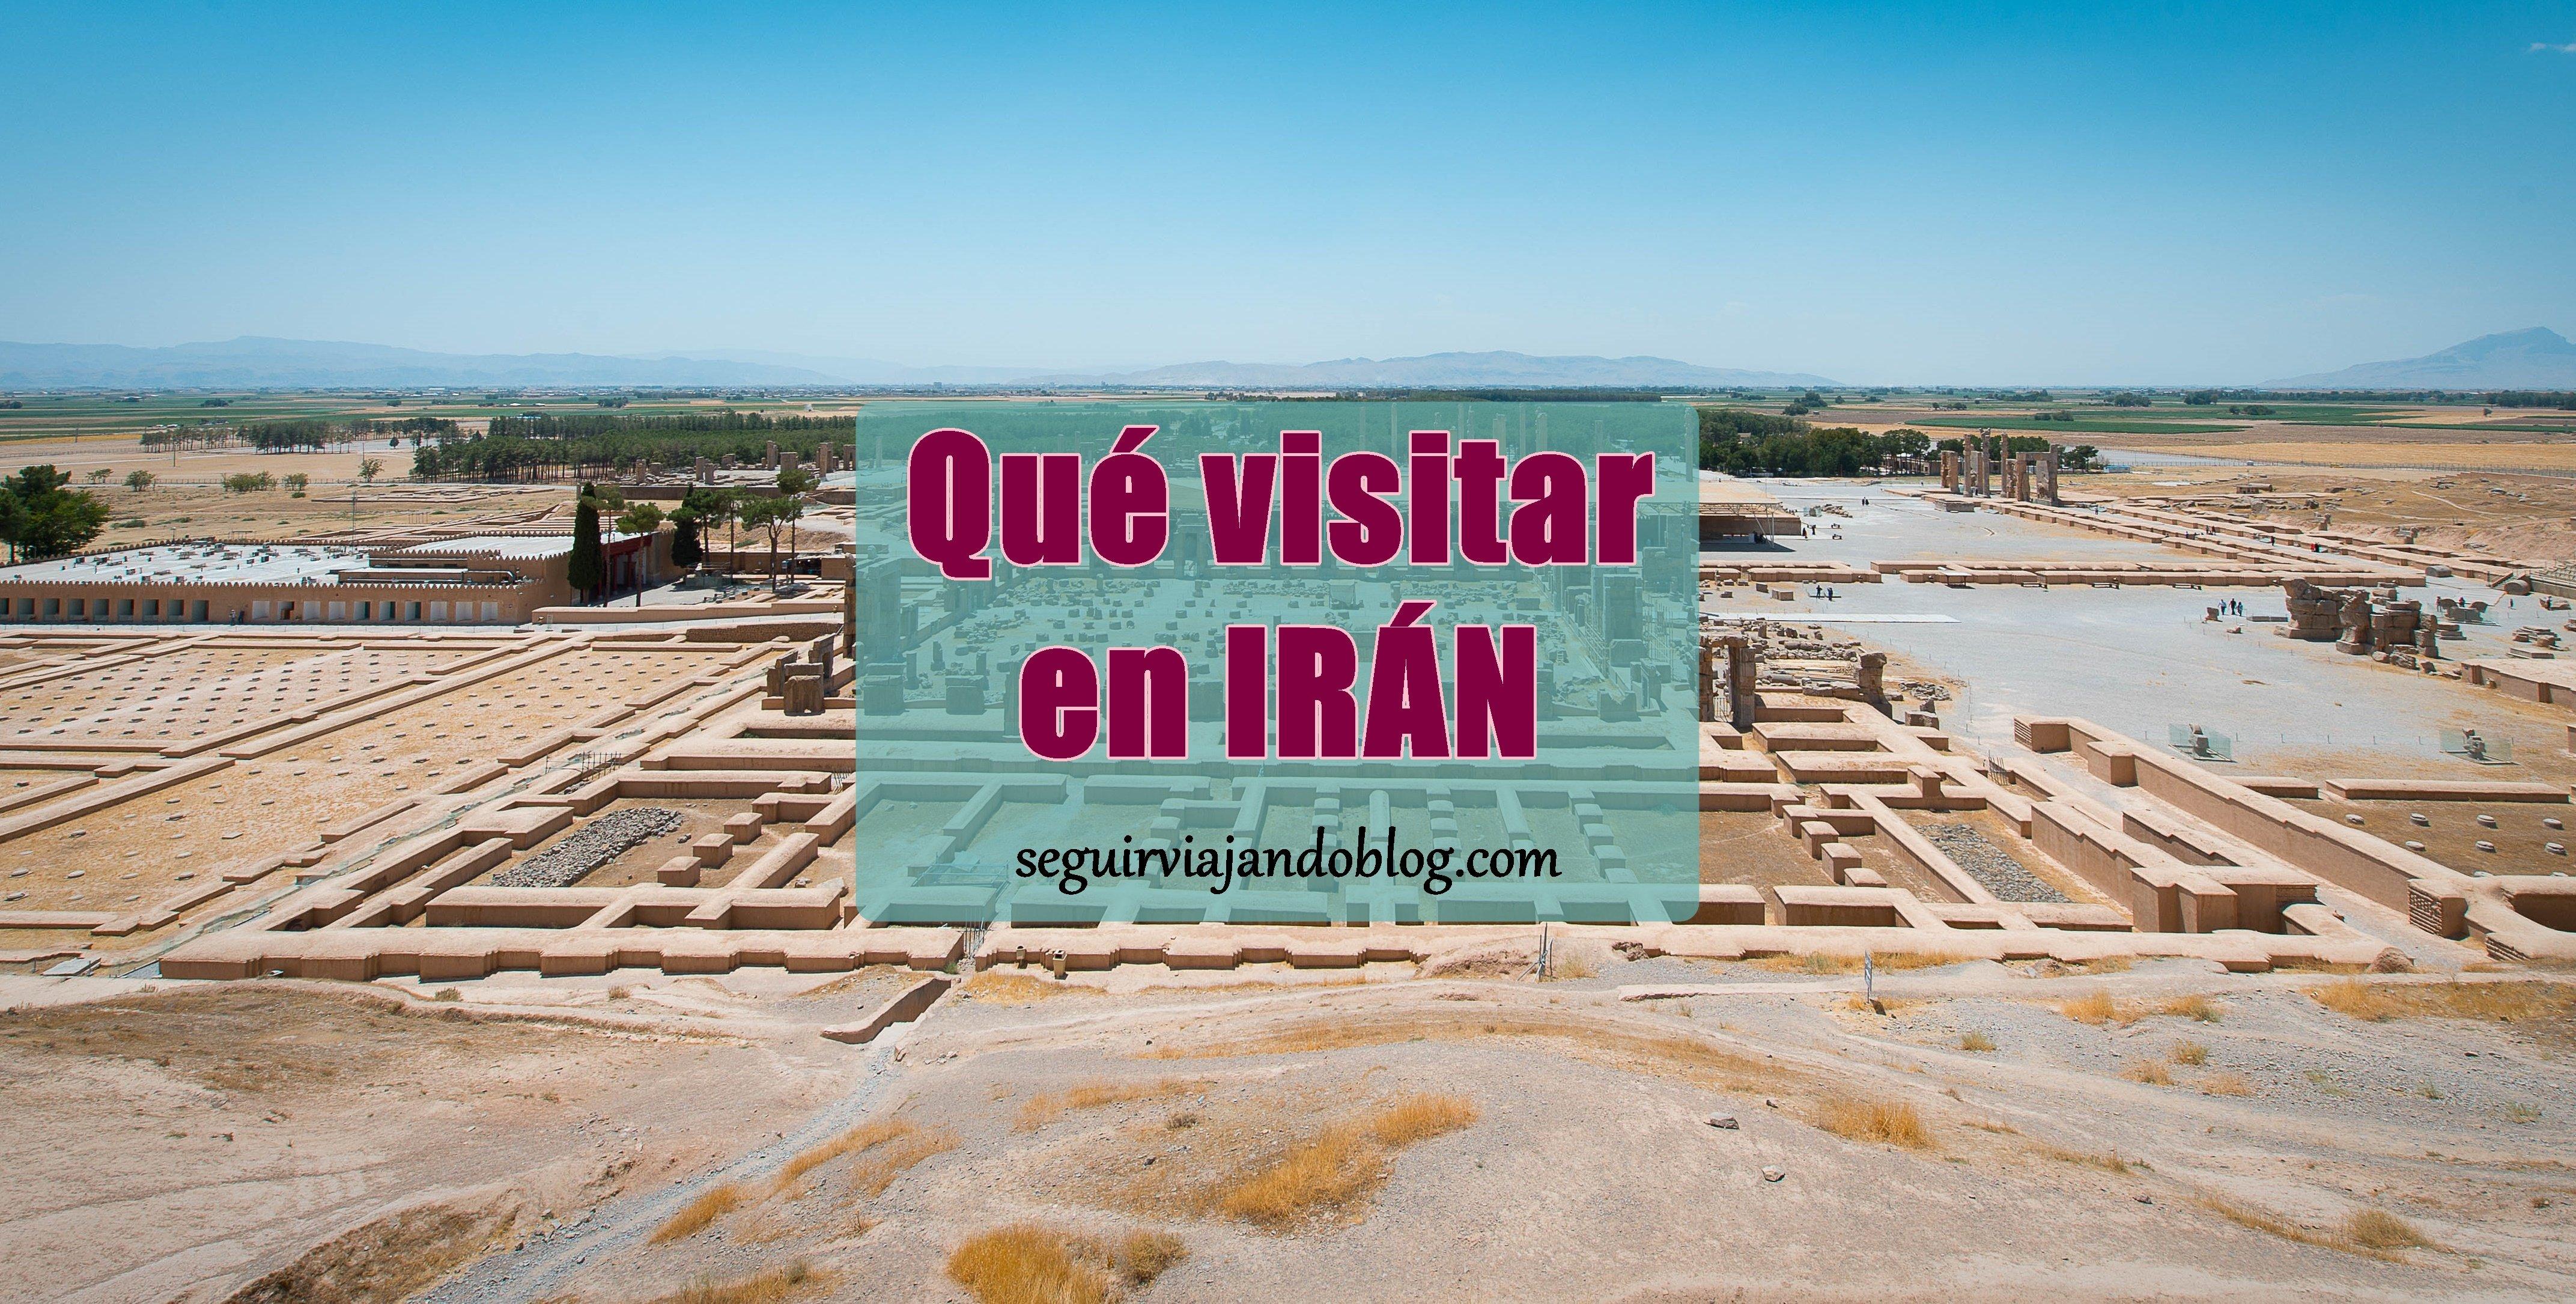 Miniatura qué visitar en Irán - seguirviajando